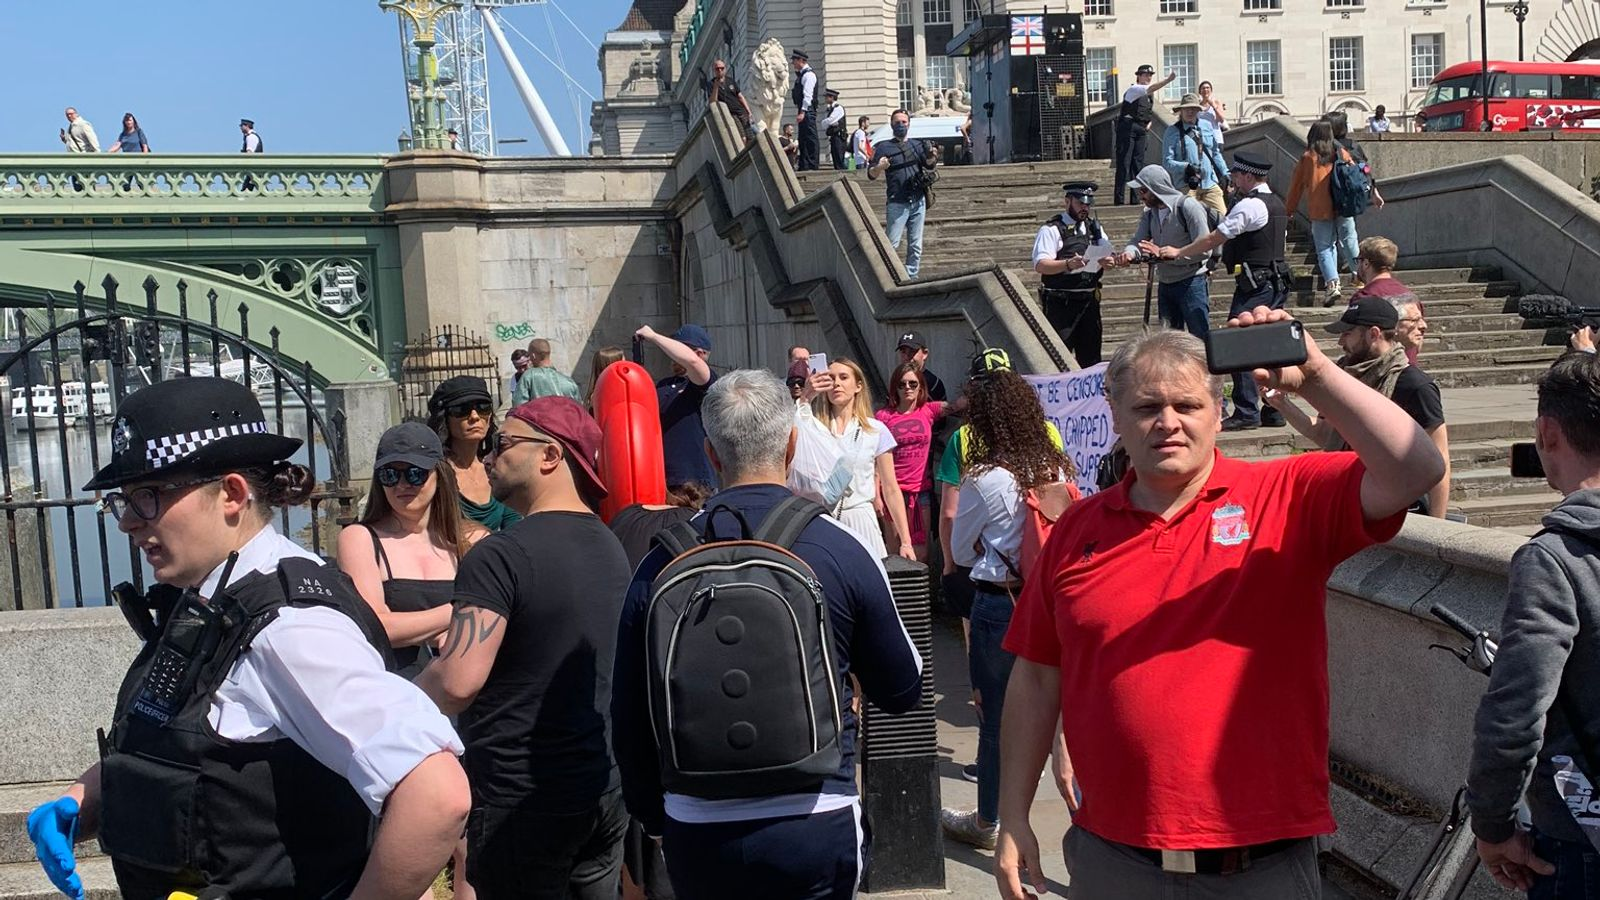 Coronavirus Anti Lockdown Protest Broken Up By Police In London Uk News Sky News